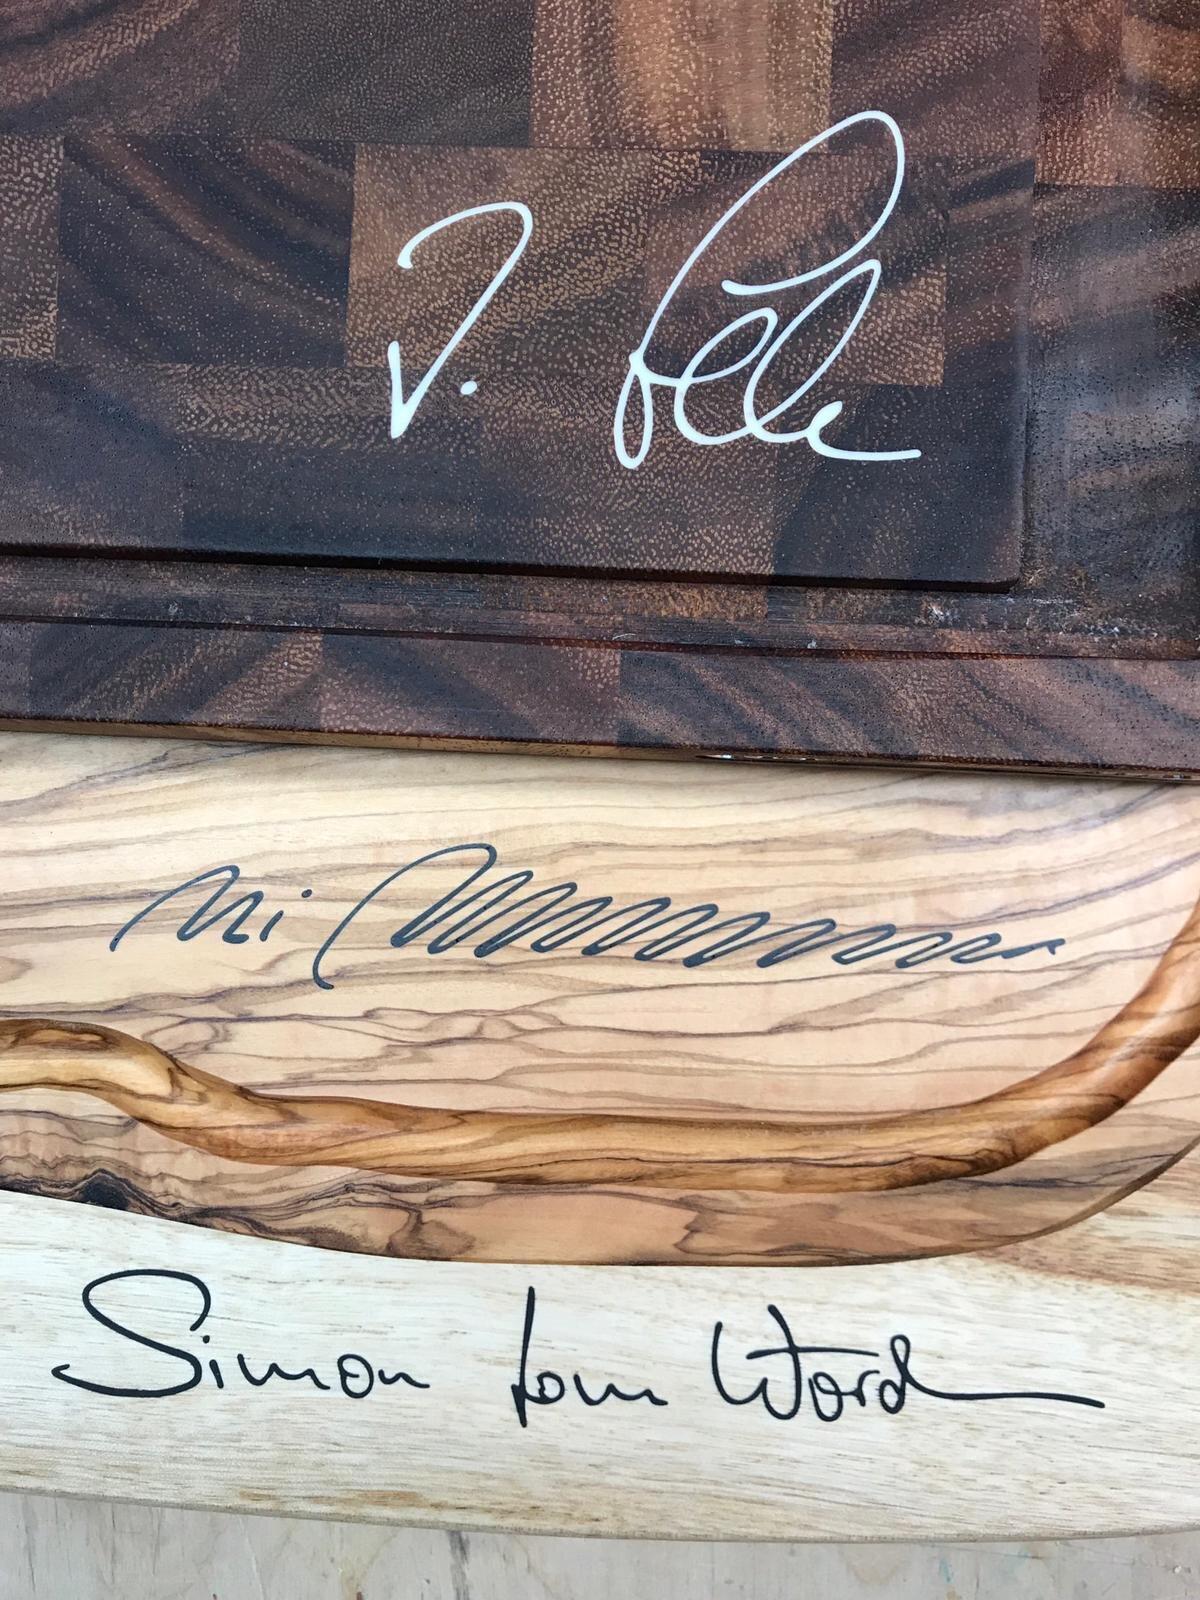 Unterschriften der Beschenkten auf einem Holzbrett gelasert und mit Kunststoff ausgefüllt